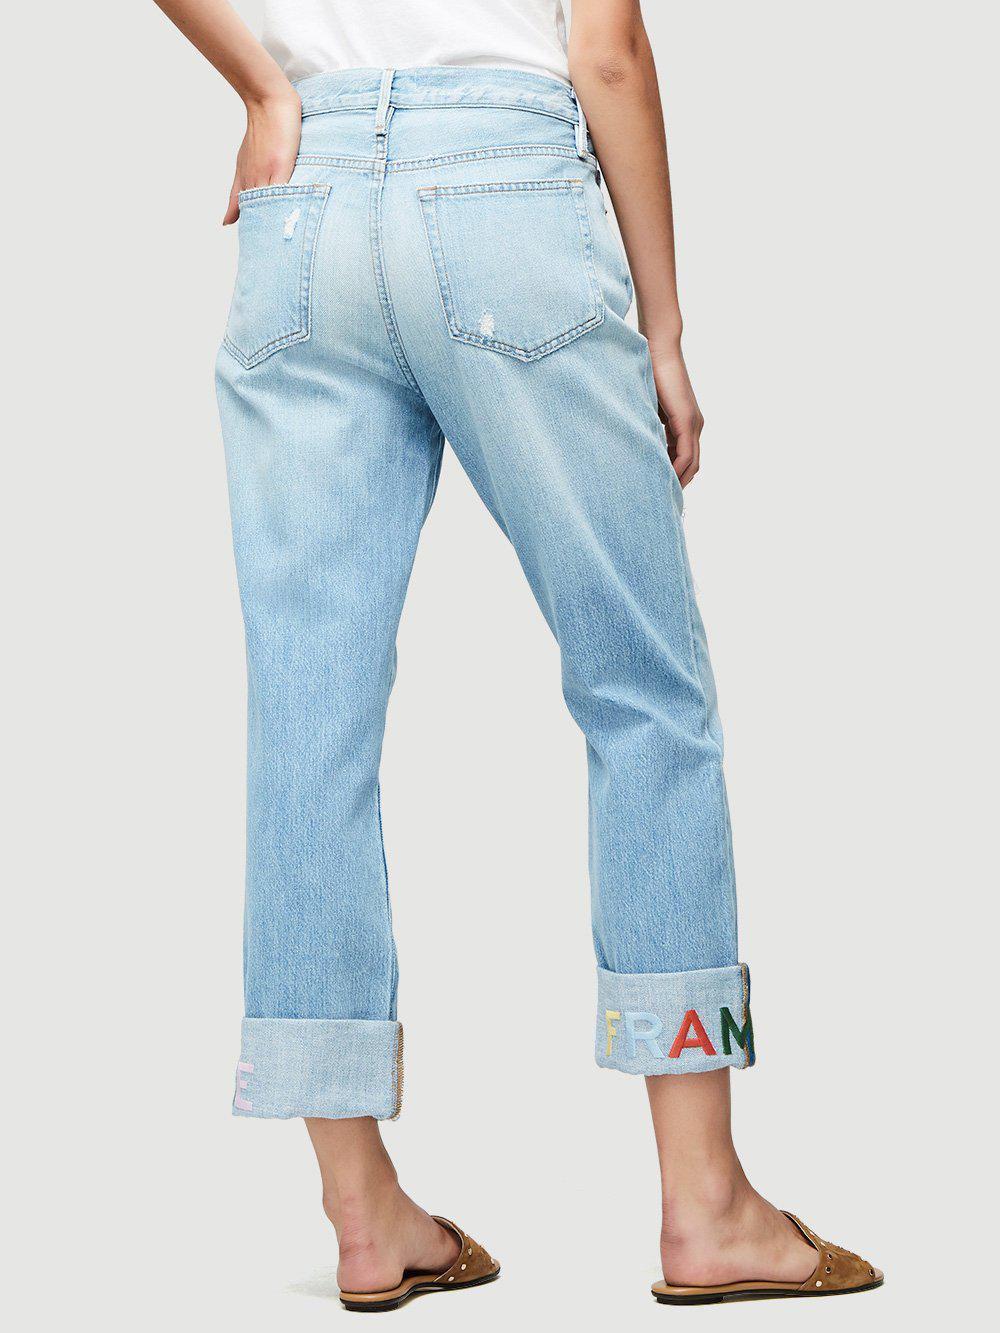 FRAME Denim Le Embroidery Cuff Jean in Blue